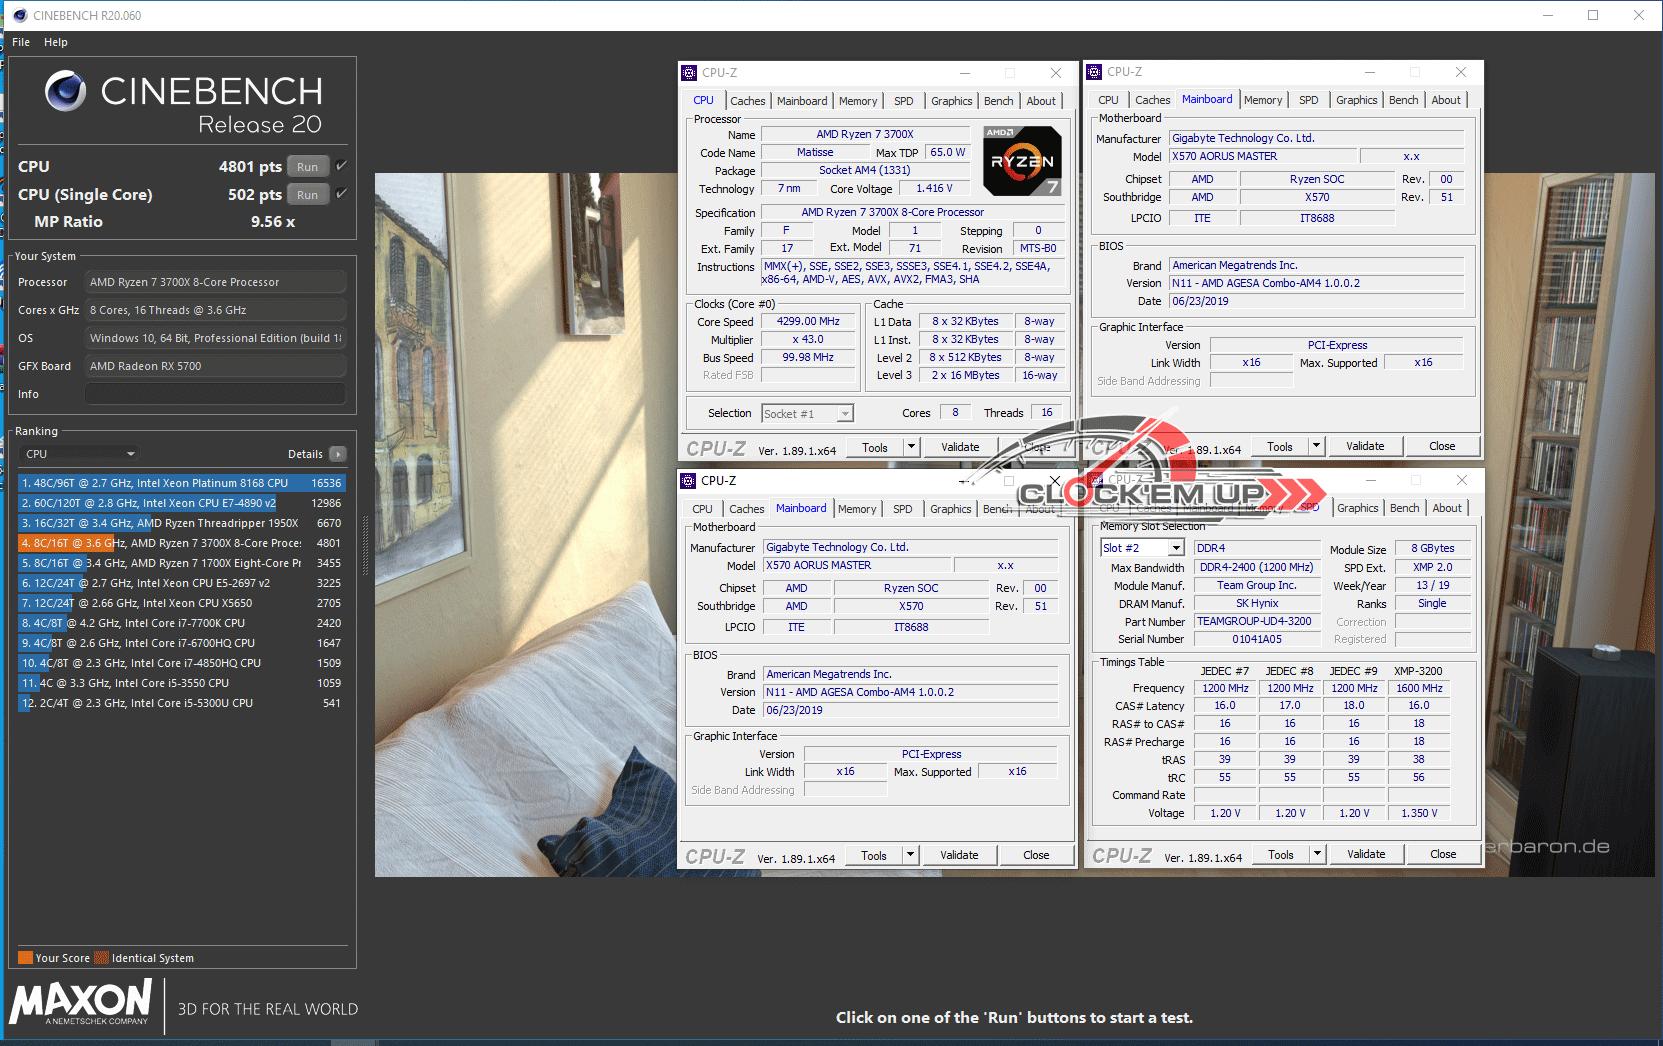 รีวิว CPU AMD RYZEN 7 3700X 8Core 16Thread 7nm Processor